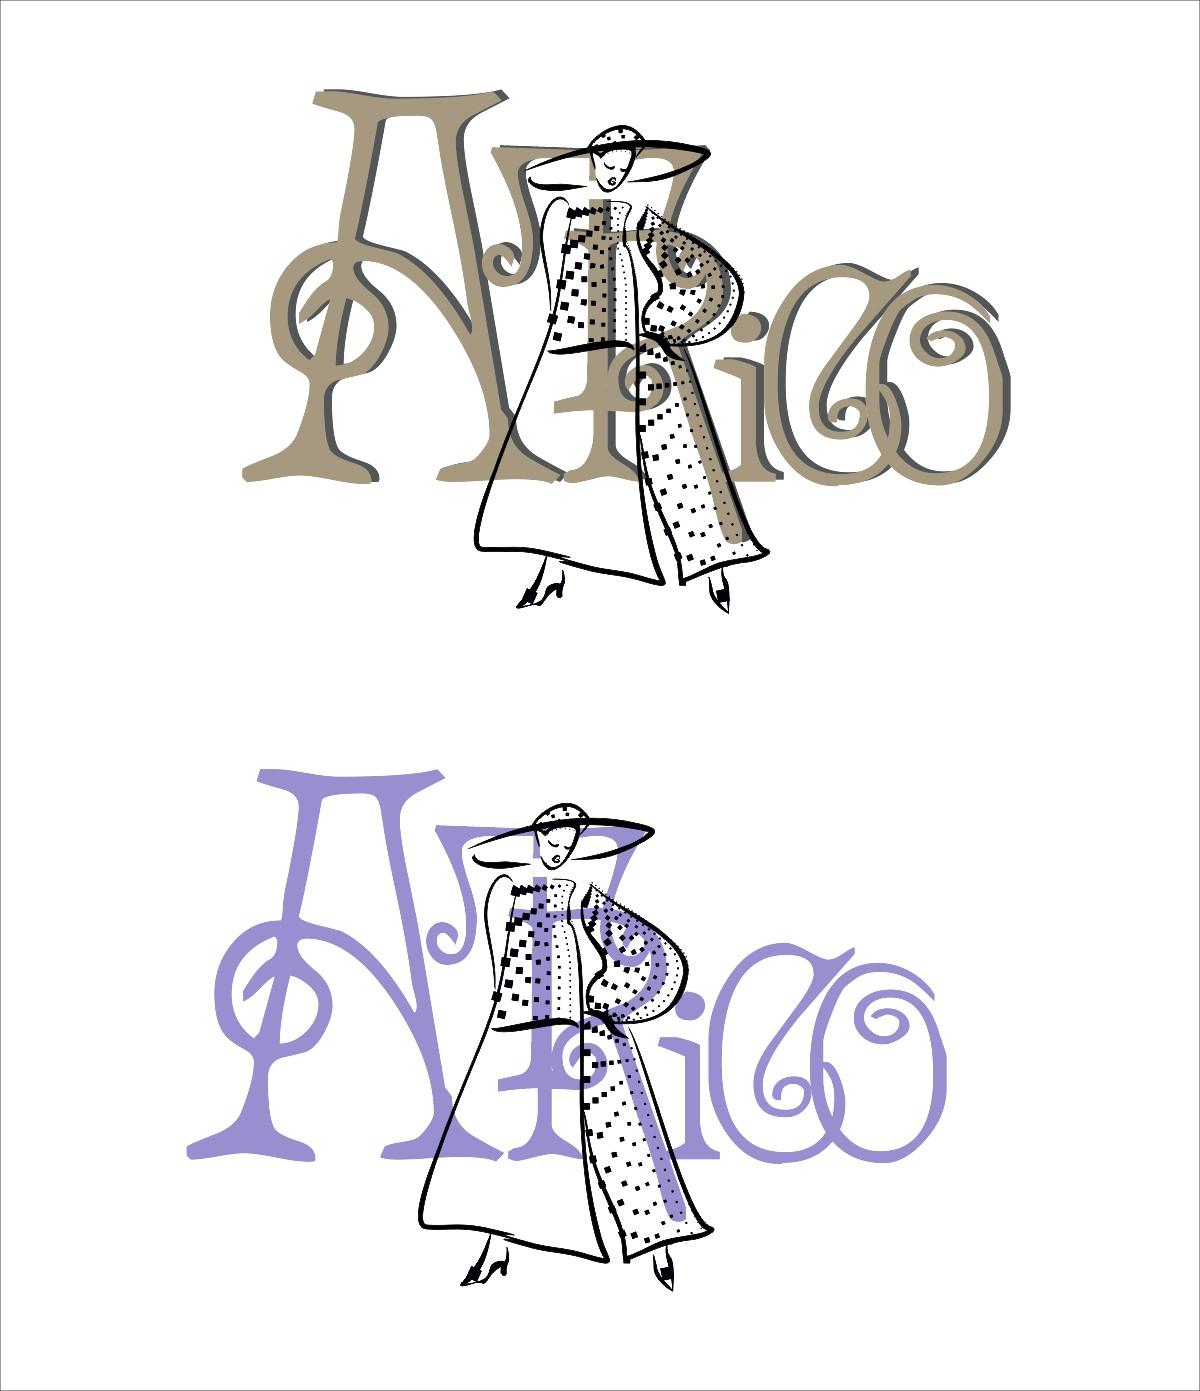 Логотип для брендовой пряжи и трикотажной одежды фото f_8516007aa48ef1ec.jpg